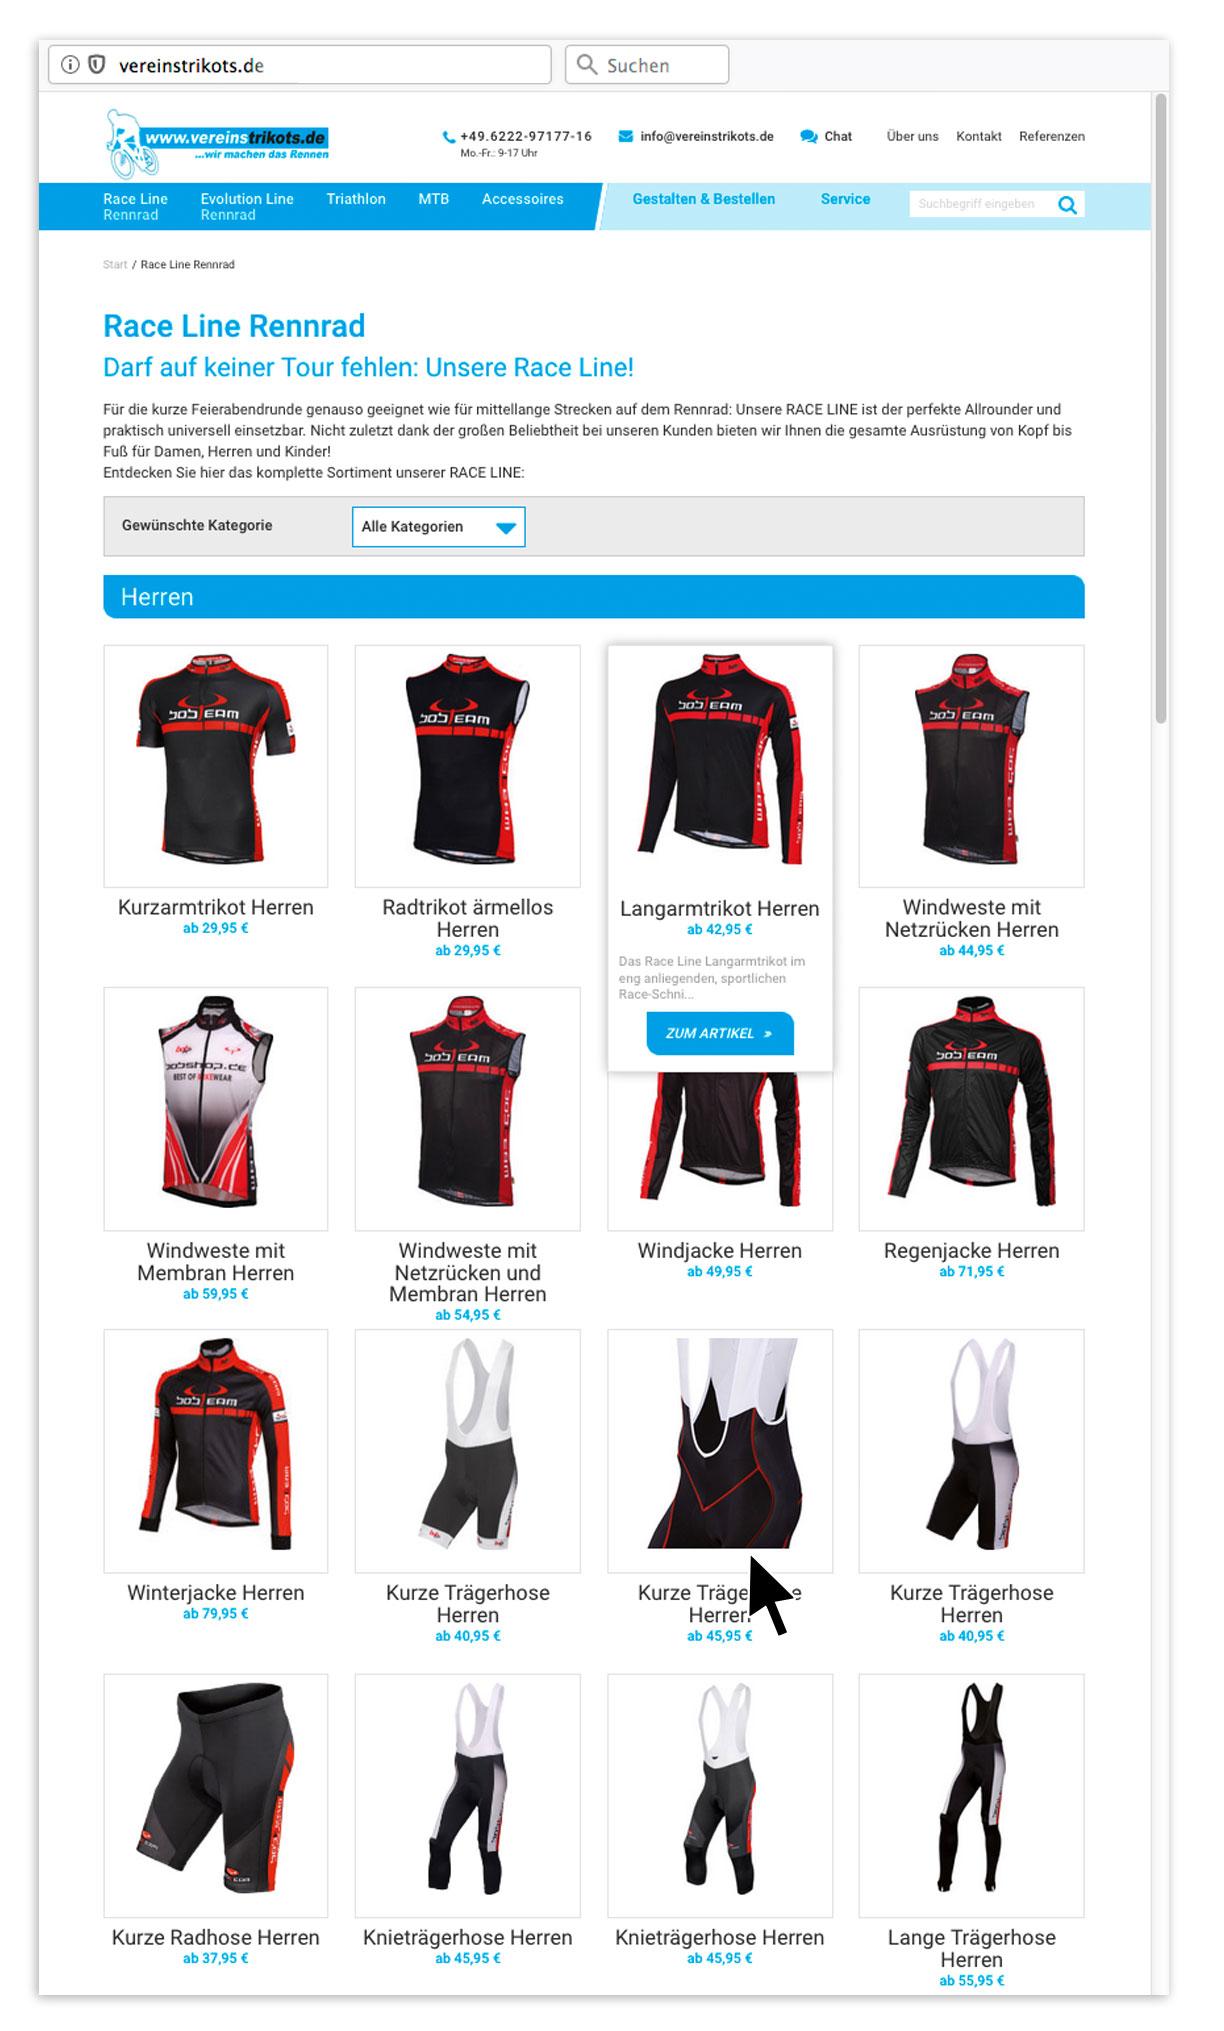 P12-Werbeagentur Referenz Vereinstrikots Shop04